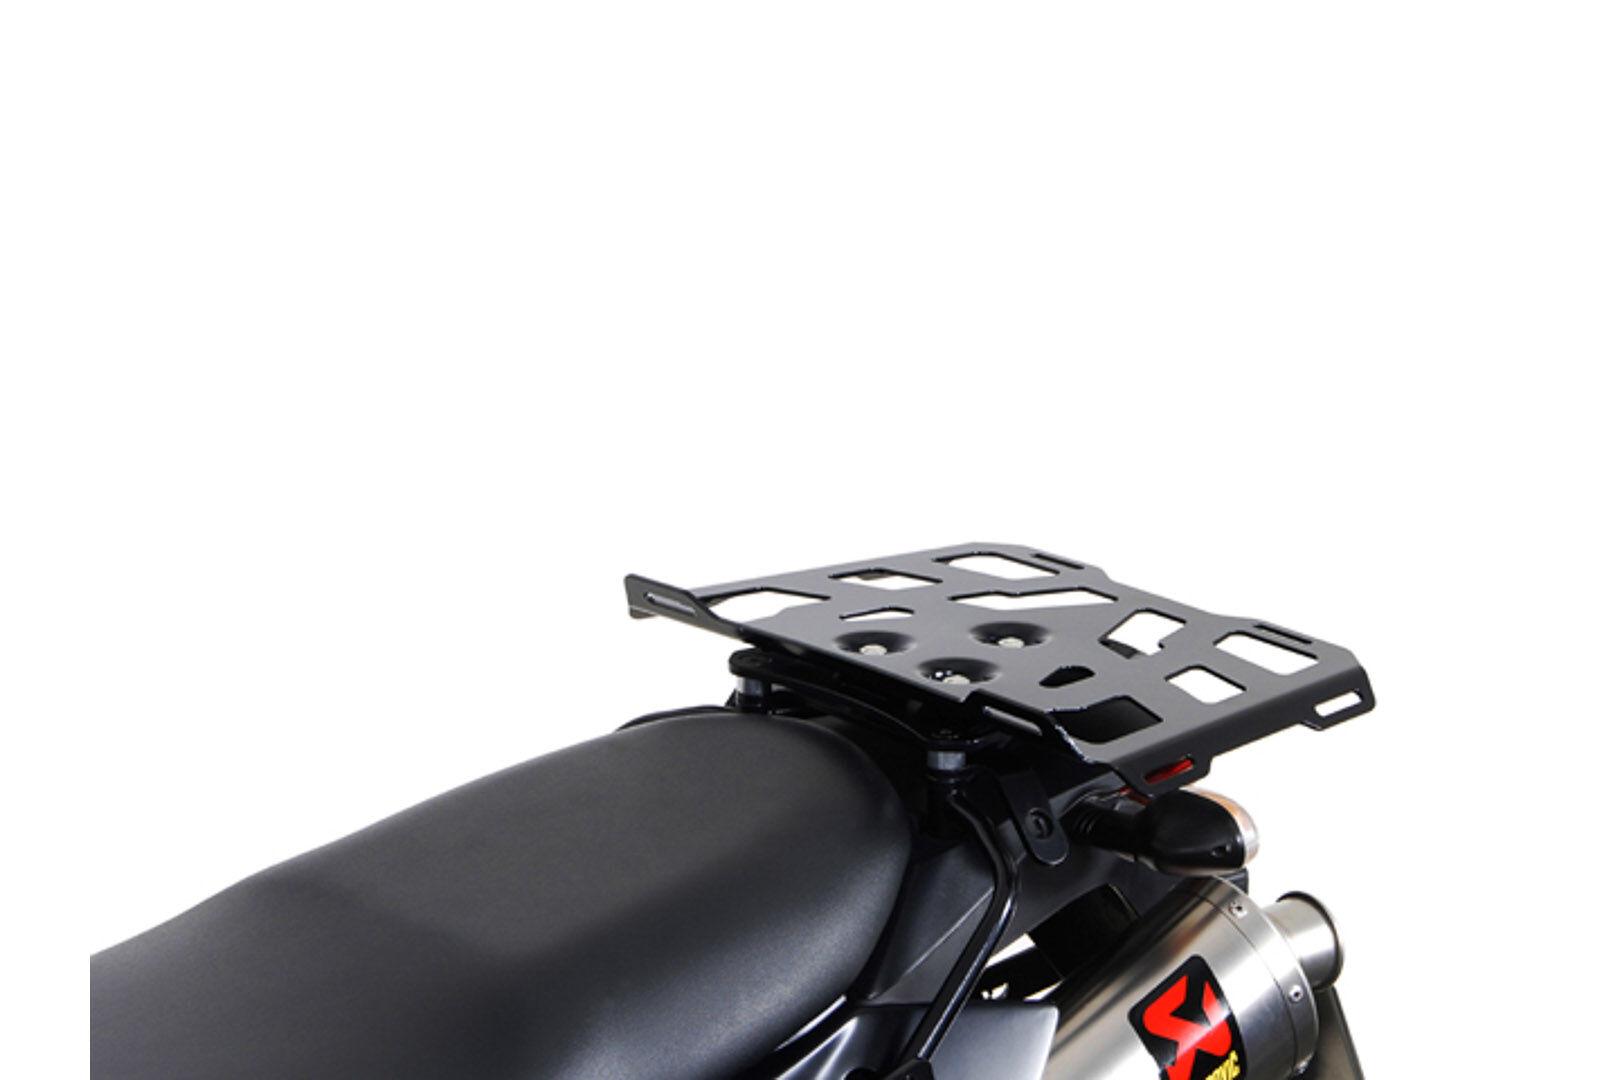 sw-motech estensione portapacchi  per alu-rack - 43x27 cm. chiusura rapida. nero.